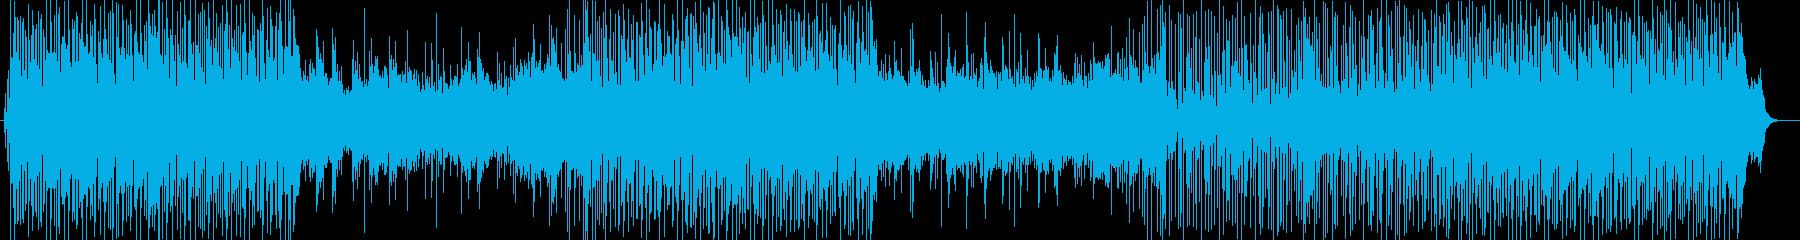 トロピカルなシンセサイザーサウンドの再生済みの波形